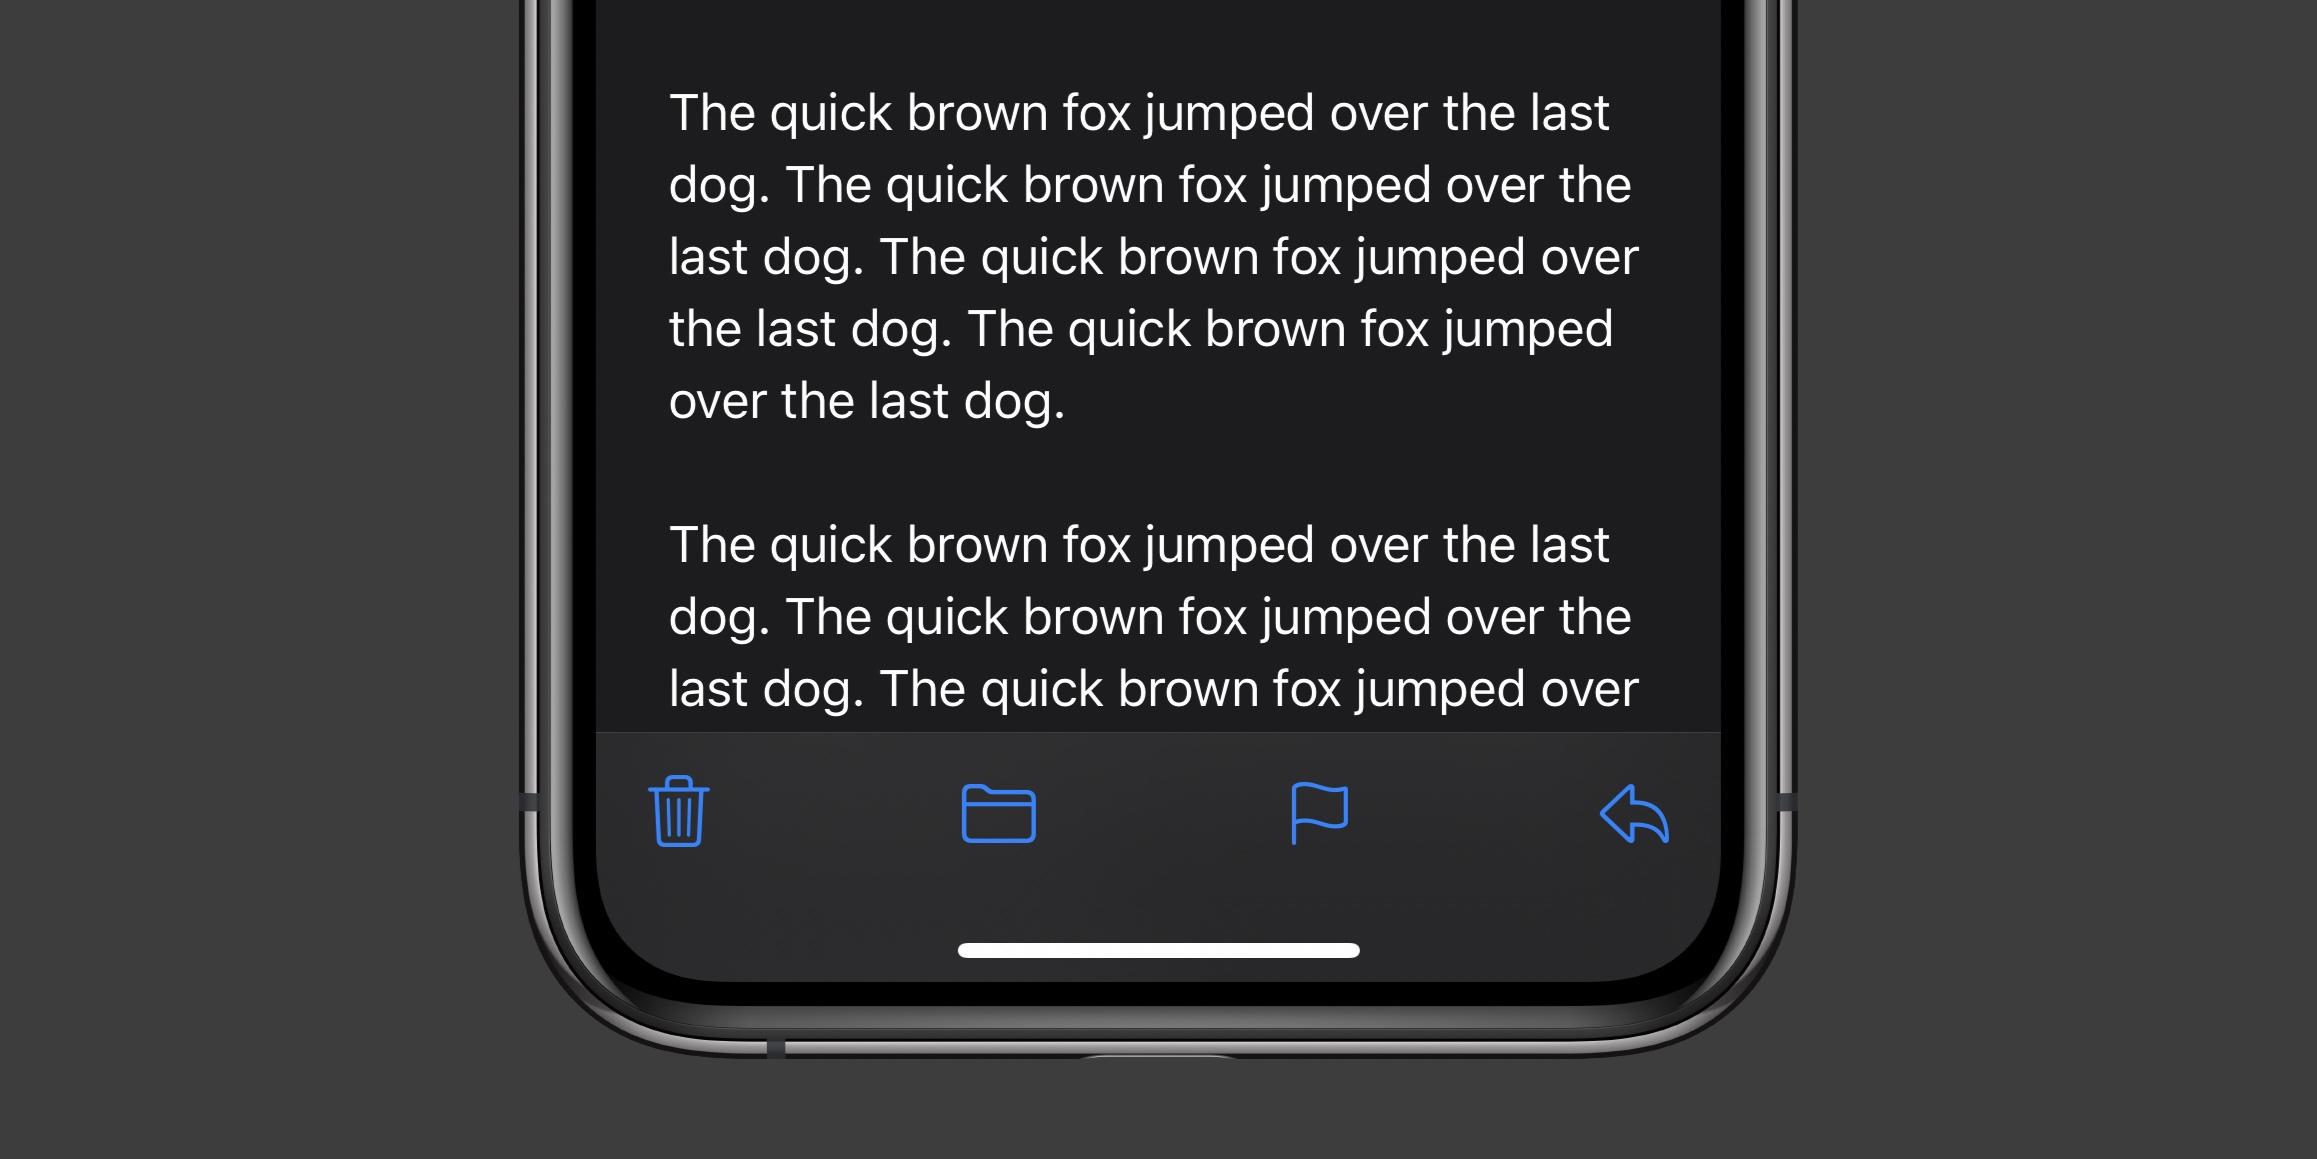 Chystá se iOS 13.4, vychází vývojářská verze s novinkami